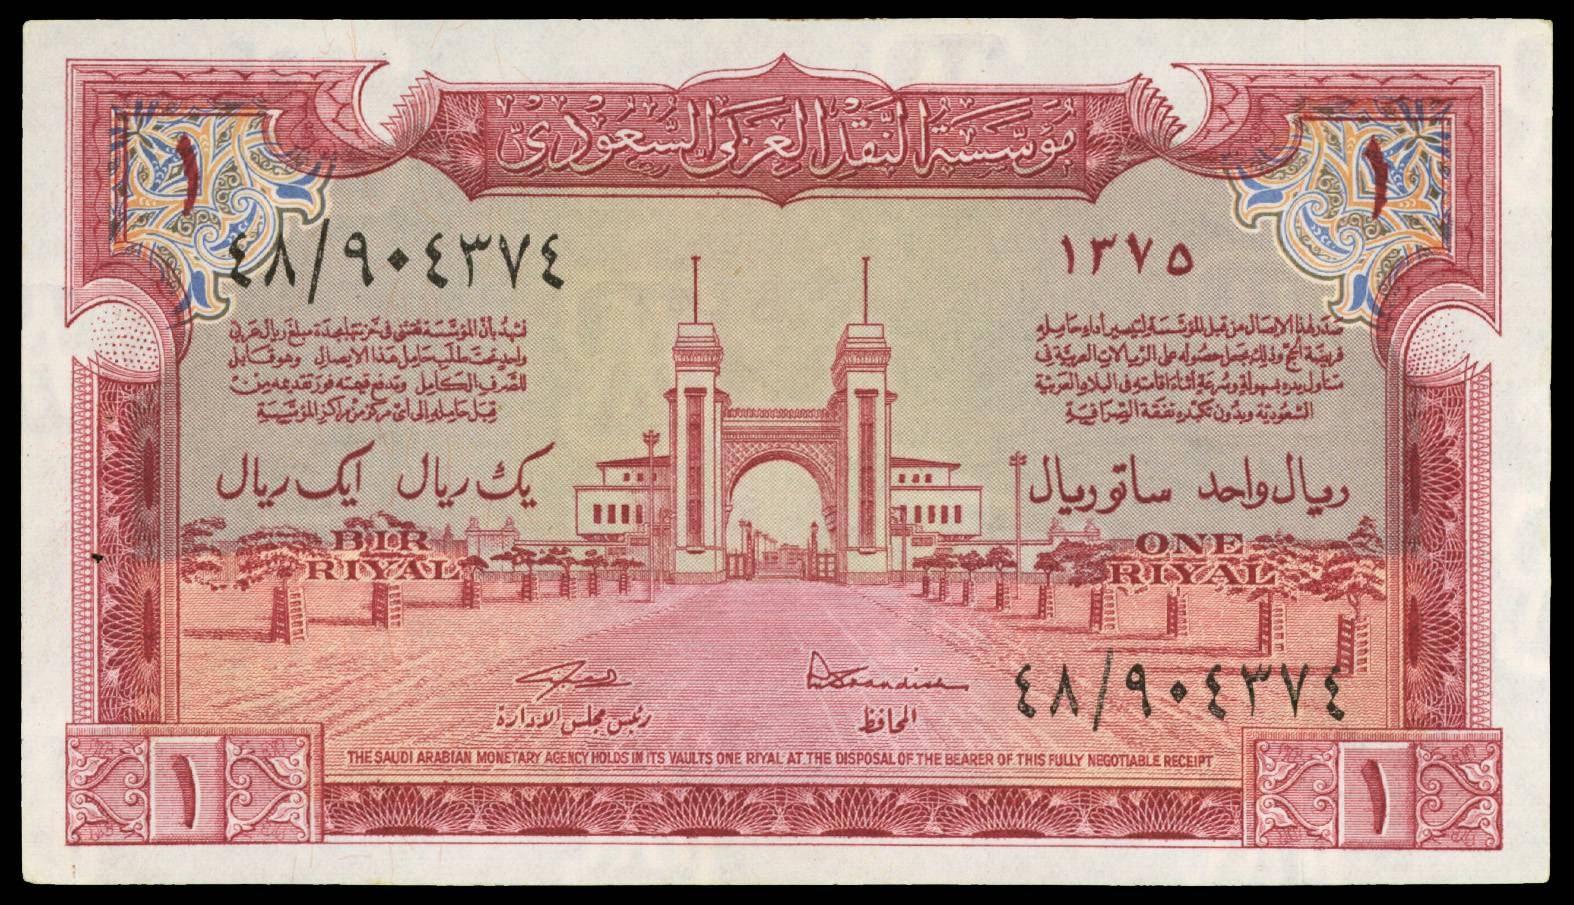 Saudi Arabia banknotes Riyal Note 1956 Haj Pilgrim Receipt